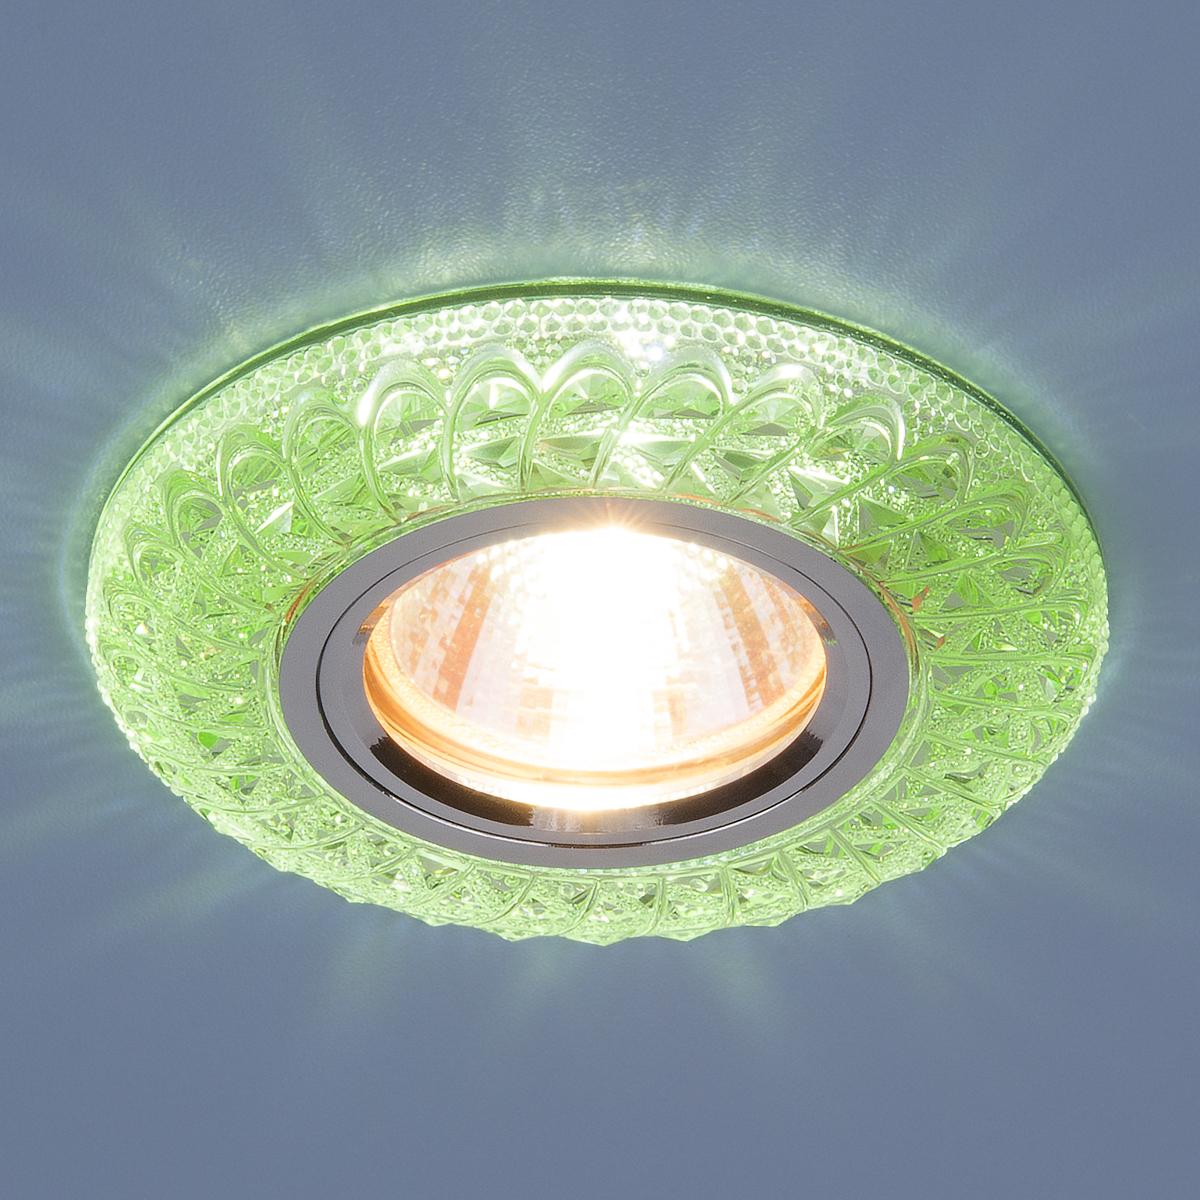 Встраиваемый точечный светильник со светодиодной подсветкой 2180 MR16 GR зеленый